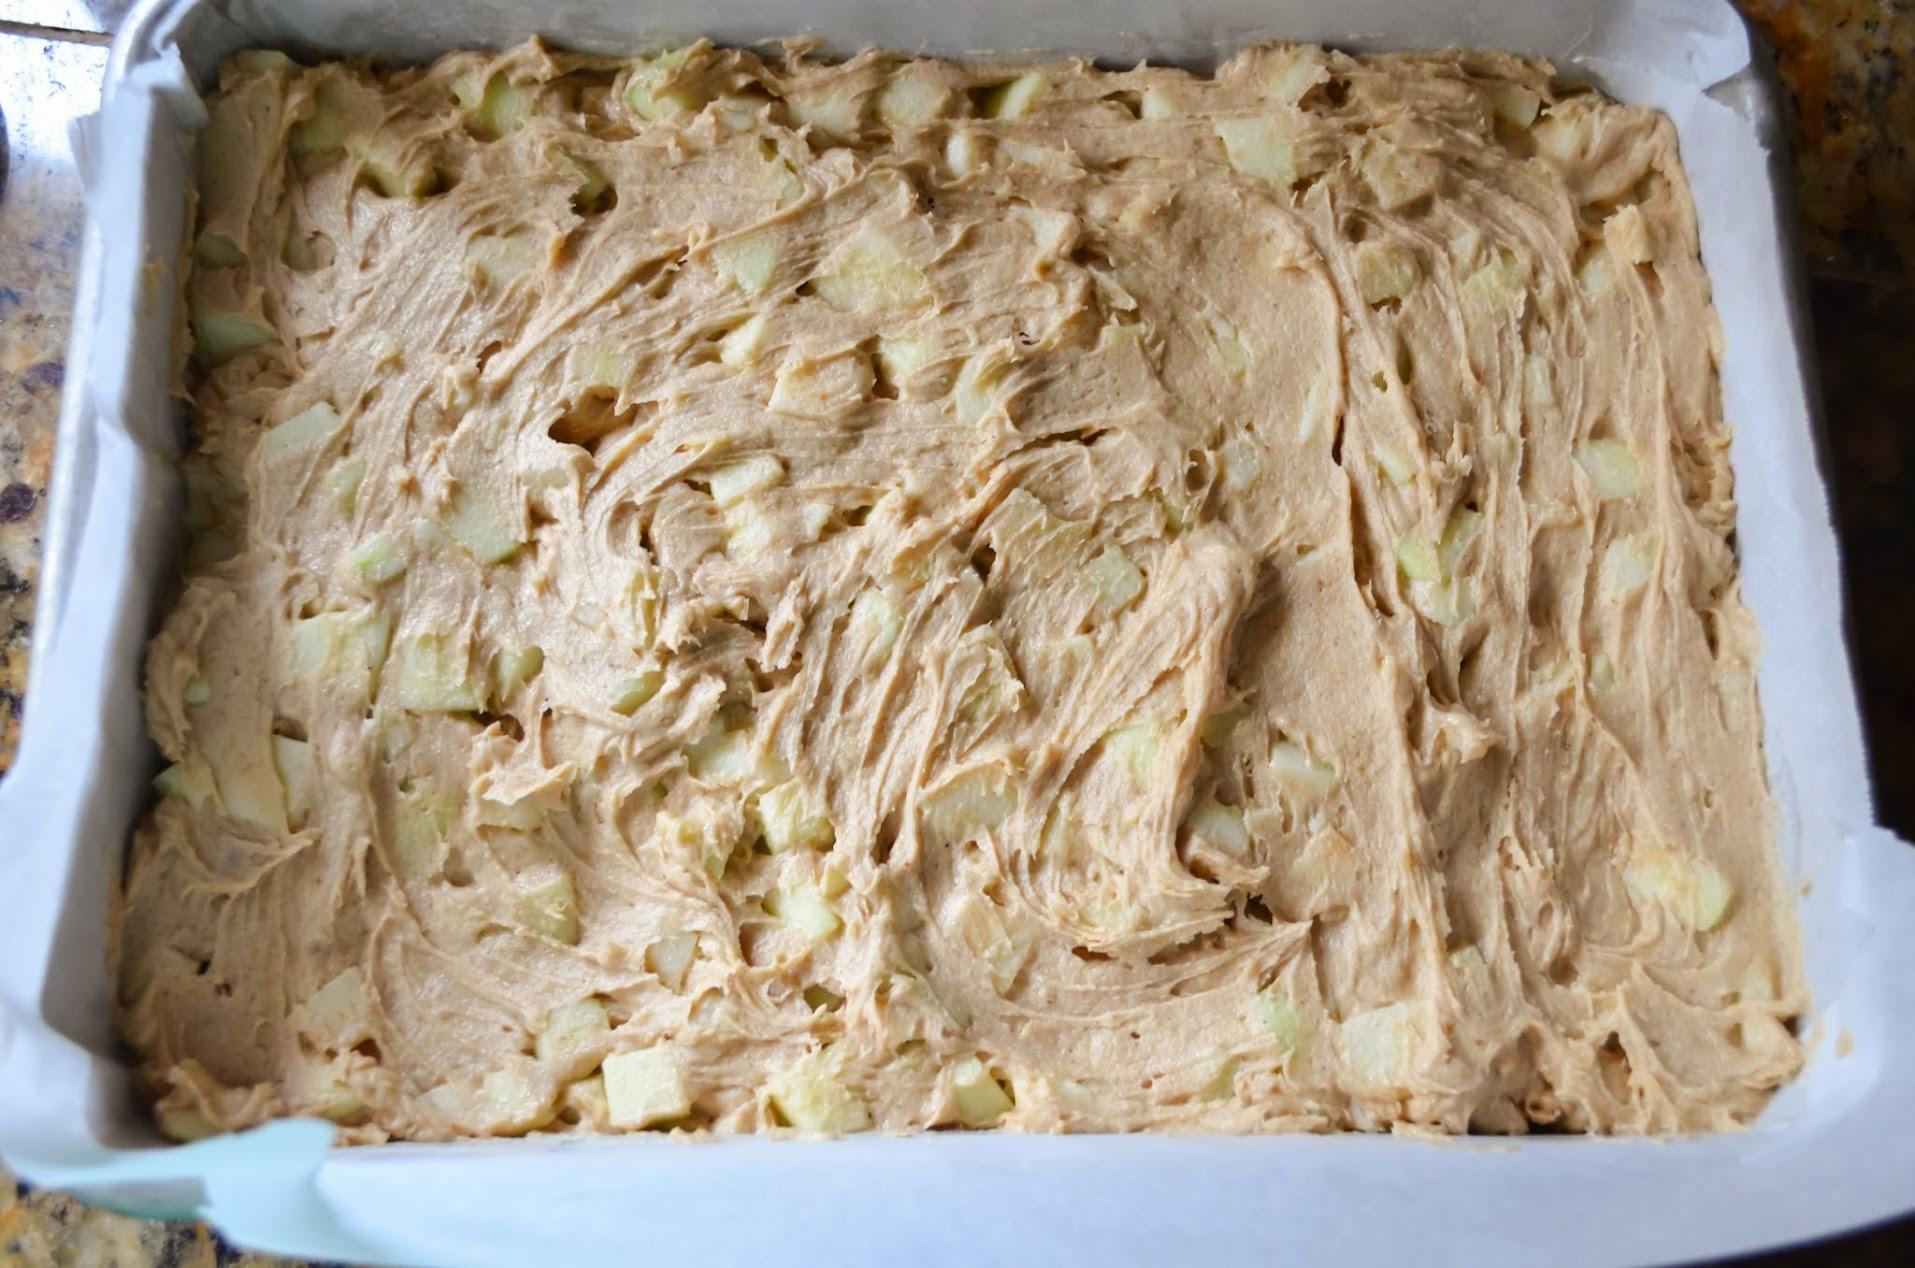 Caramel-Apple-Cake-Spread-Evenly.jpg